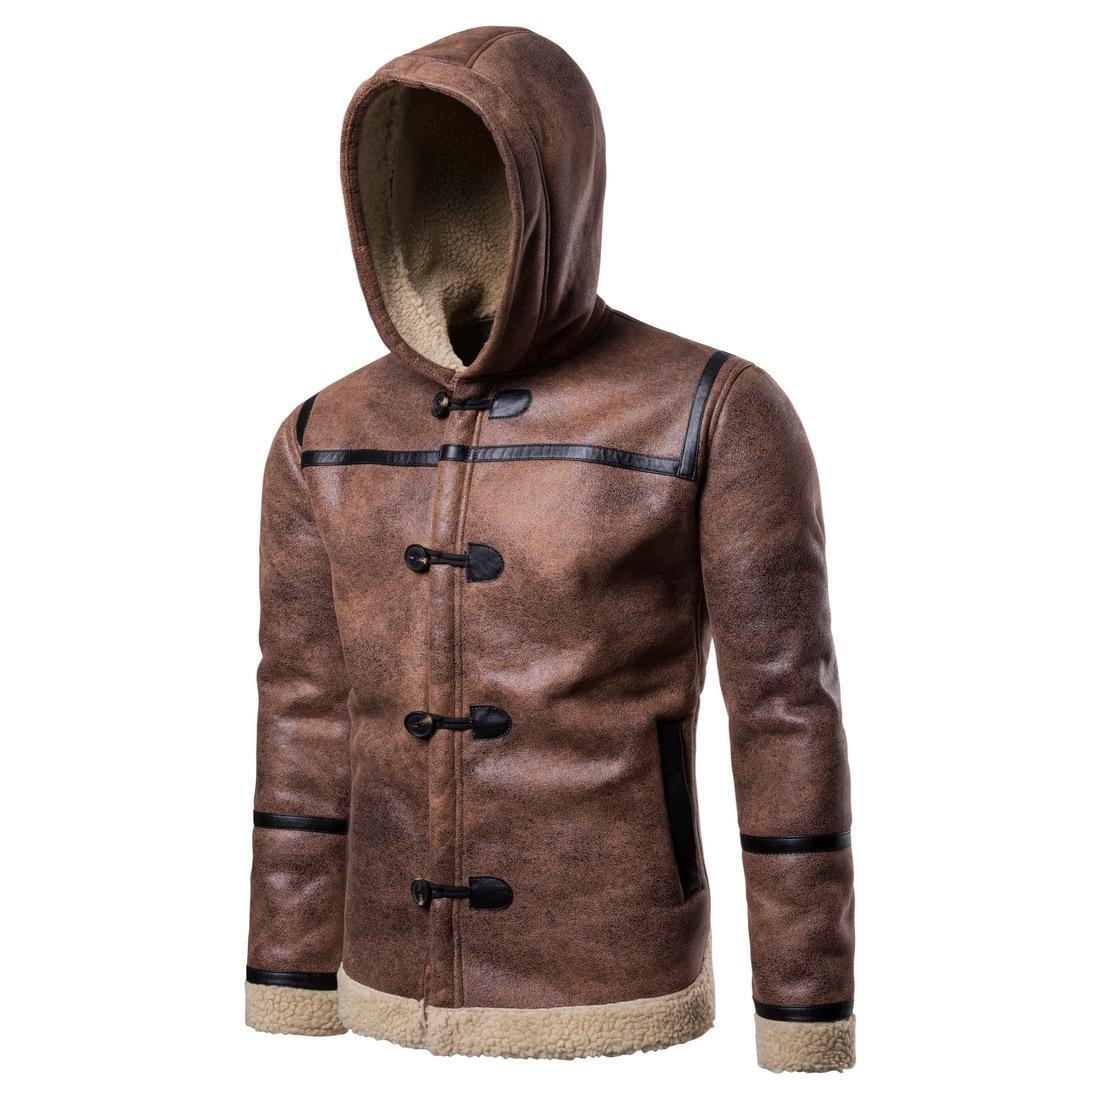 Chaquetas para hombre chaqueta de cuero PU más terciopelo tendencia cálida para hombre ropa otoño invierno moda clásico retro eop